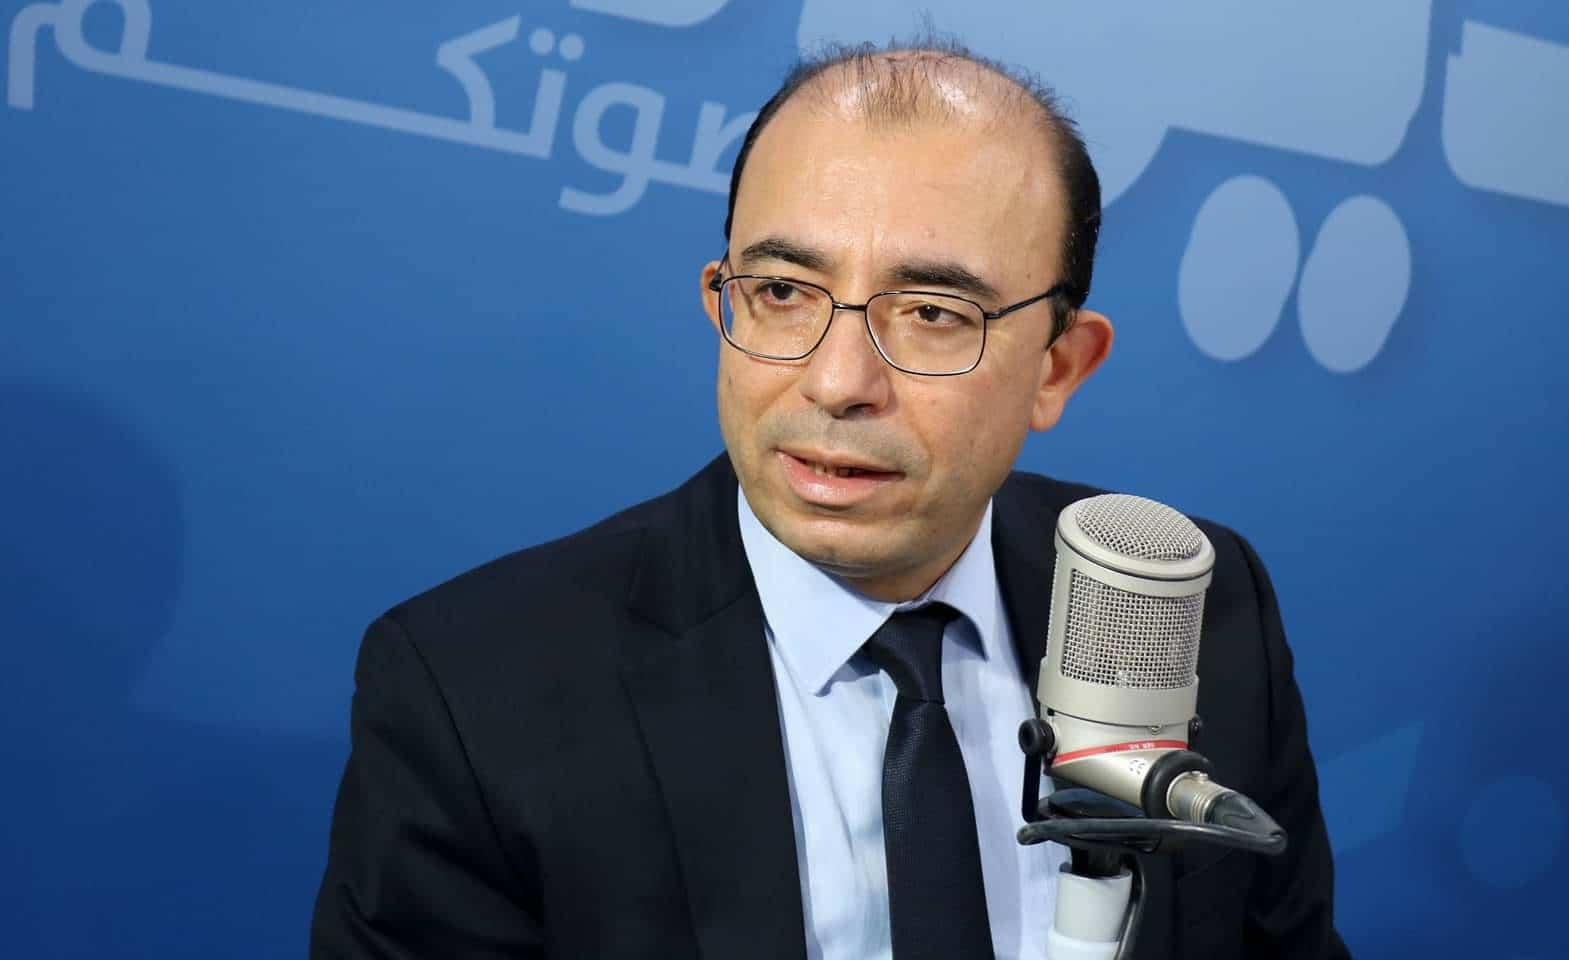 أنيس الجزيري رئيس مجلس الأعمال التونسي الأفريقي